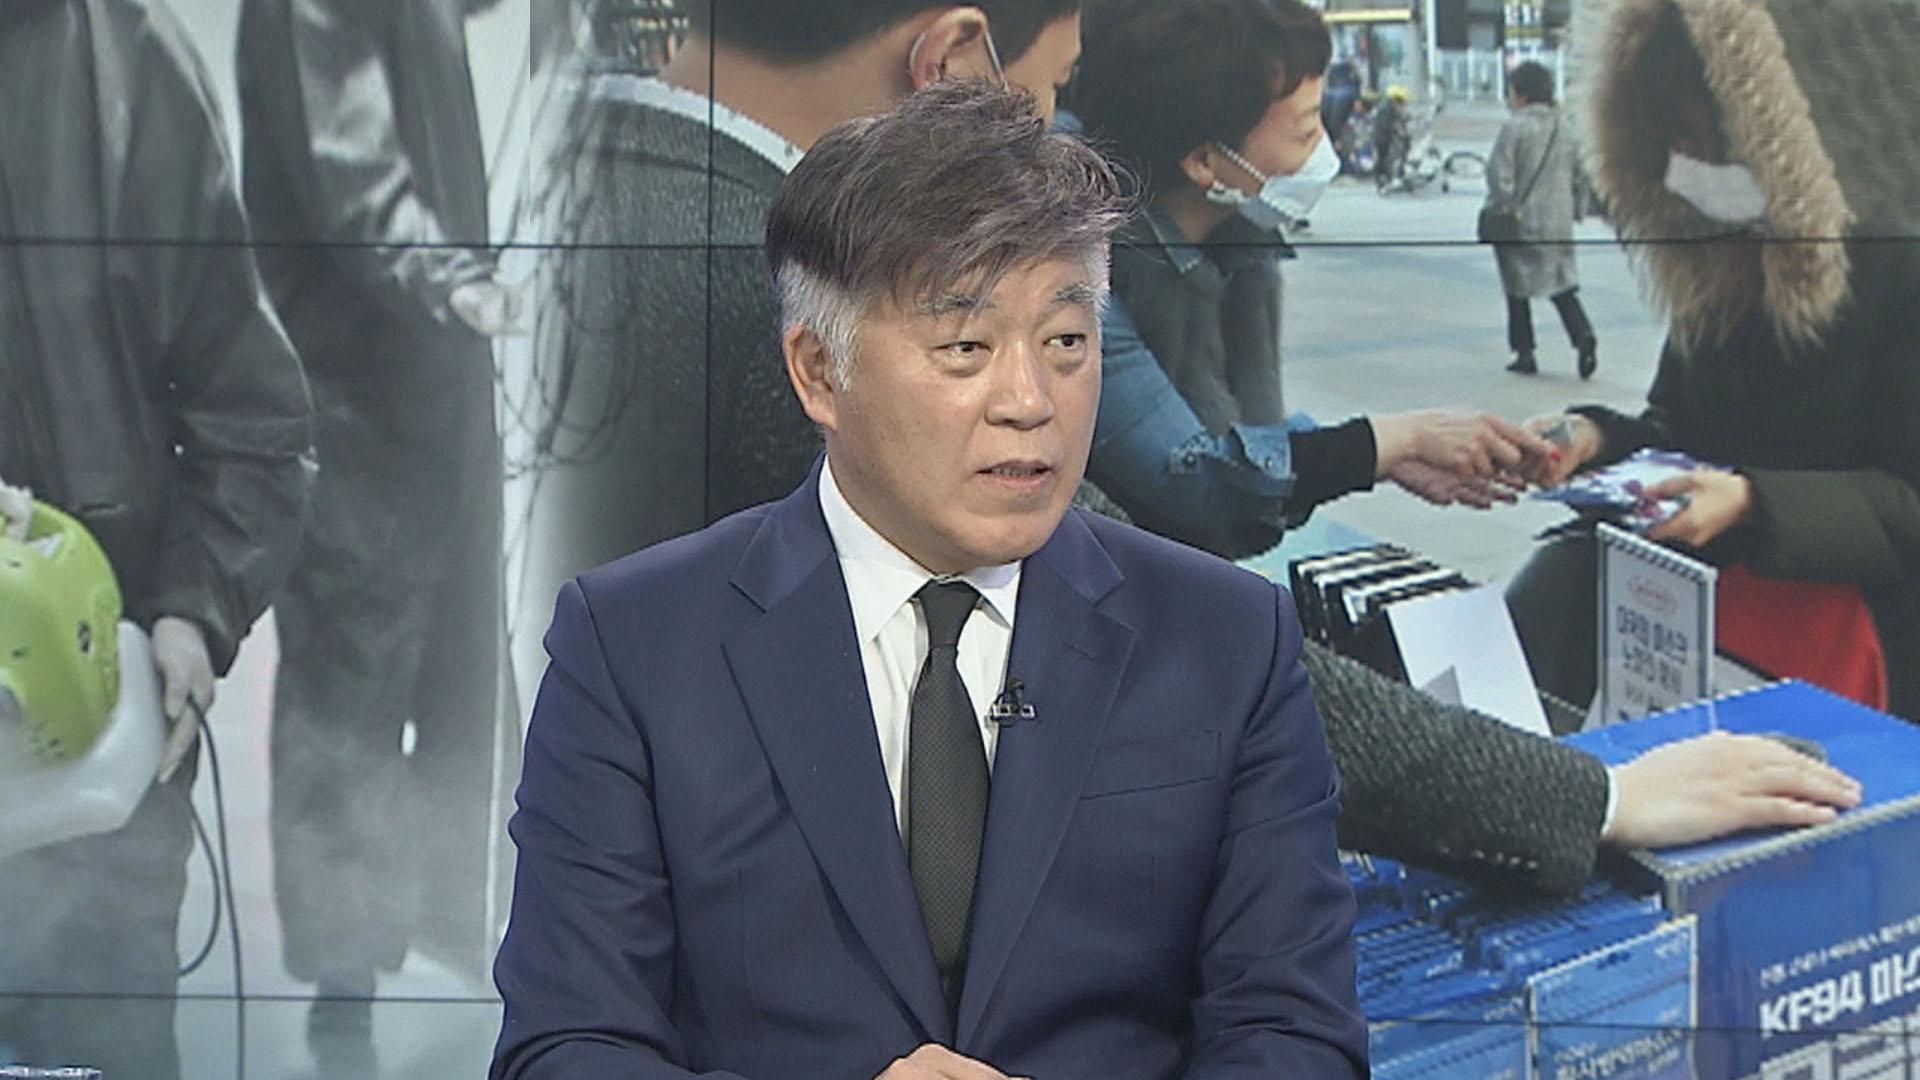 [뉴스1번지] 코로나19 지역 감염 급증에 위기경보 '심각'